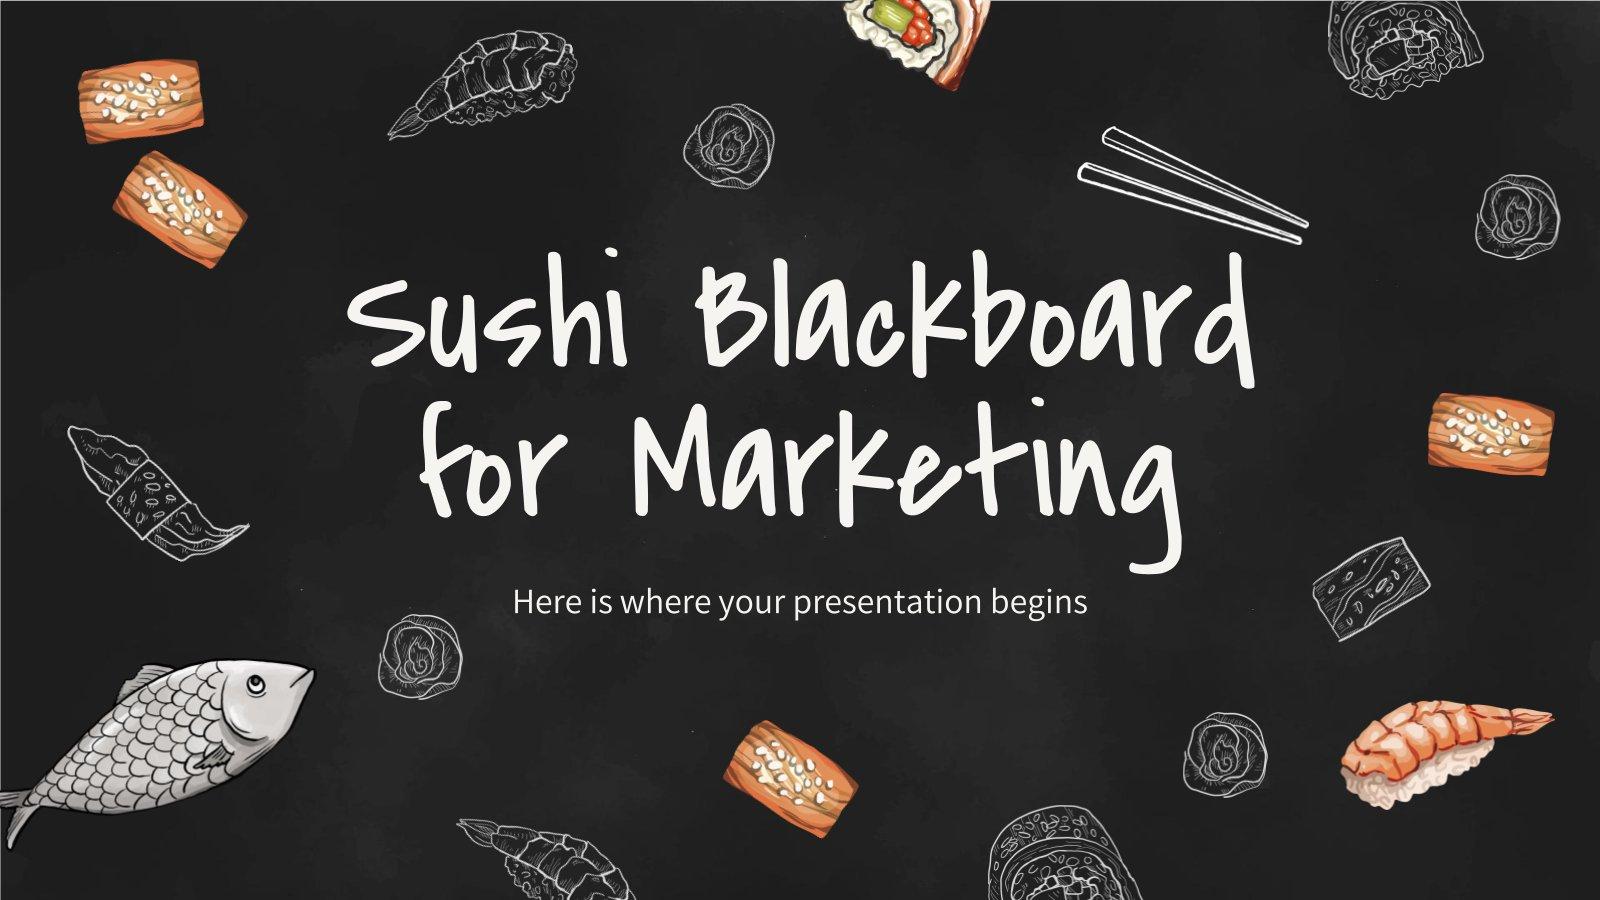 Plantilla de presentación Pizarra de sushi para marketing